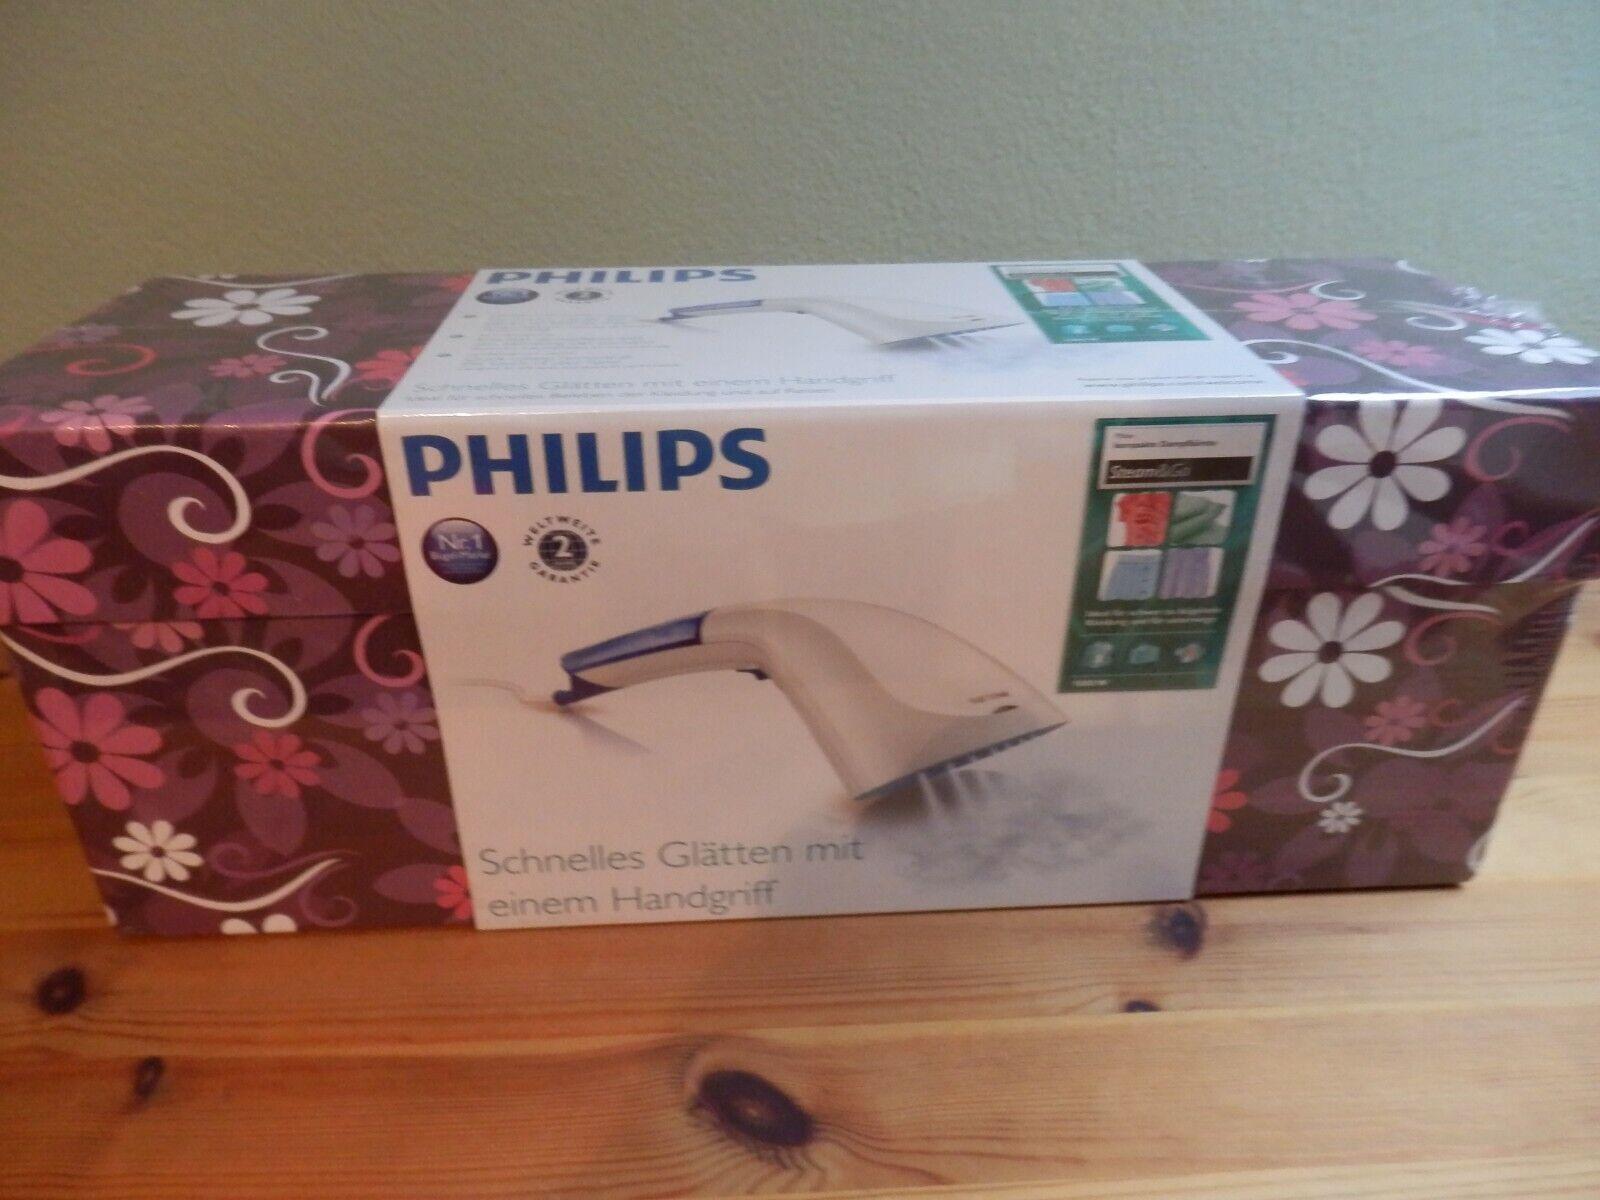 Kompakte Dampfbürste Philips GC310/55 Steam&Go mit schöner Aufbewahrungsbox